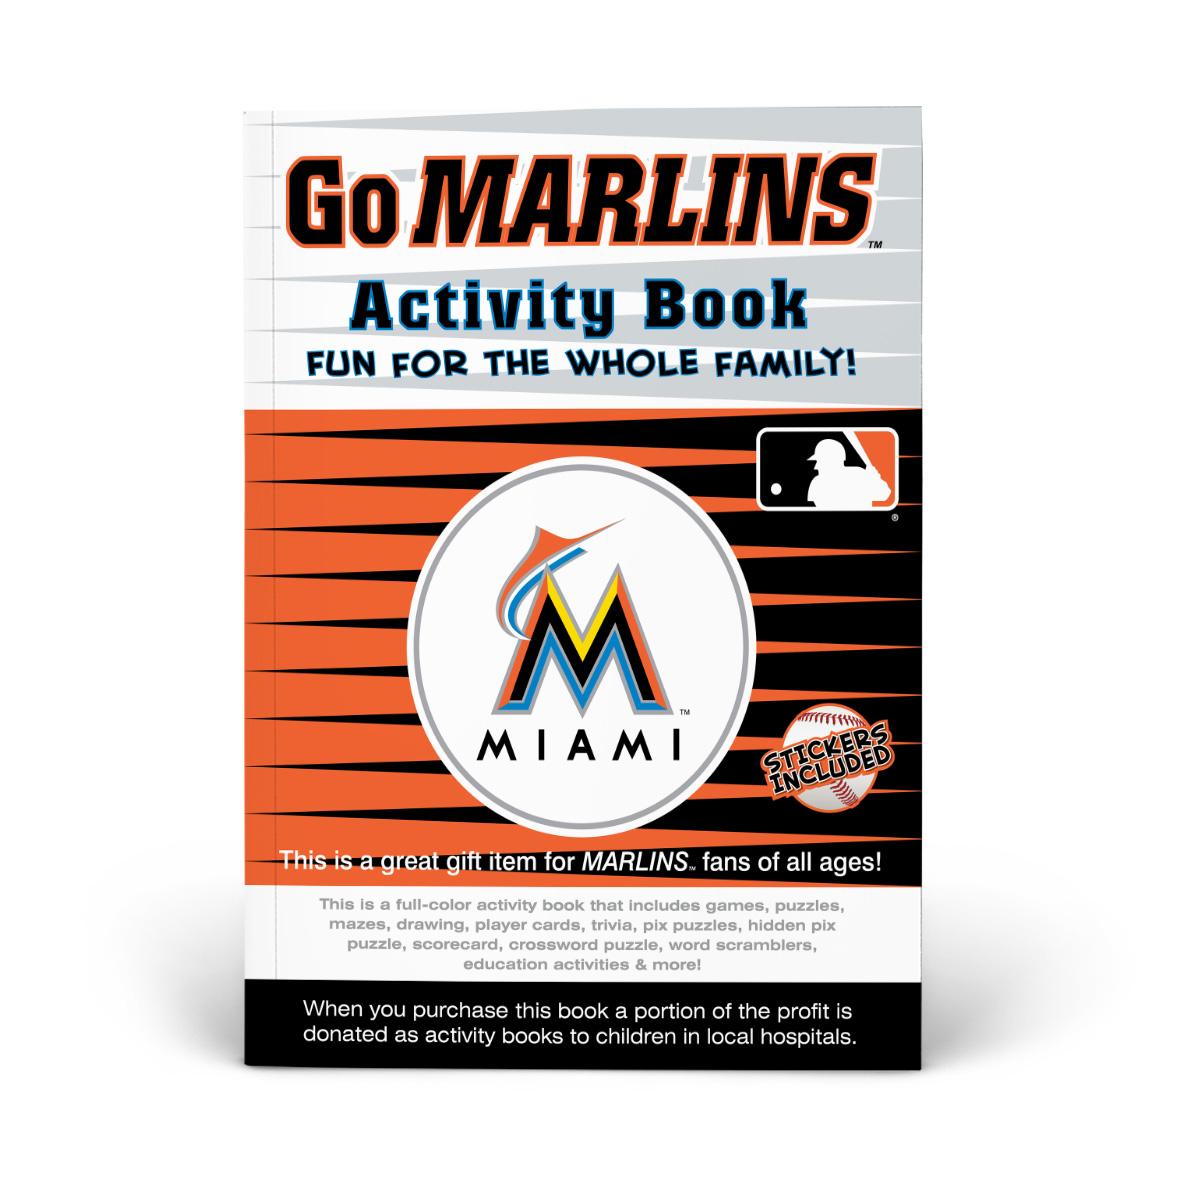 Miami Marlins Activity Book